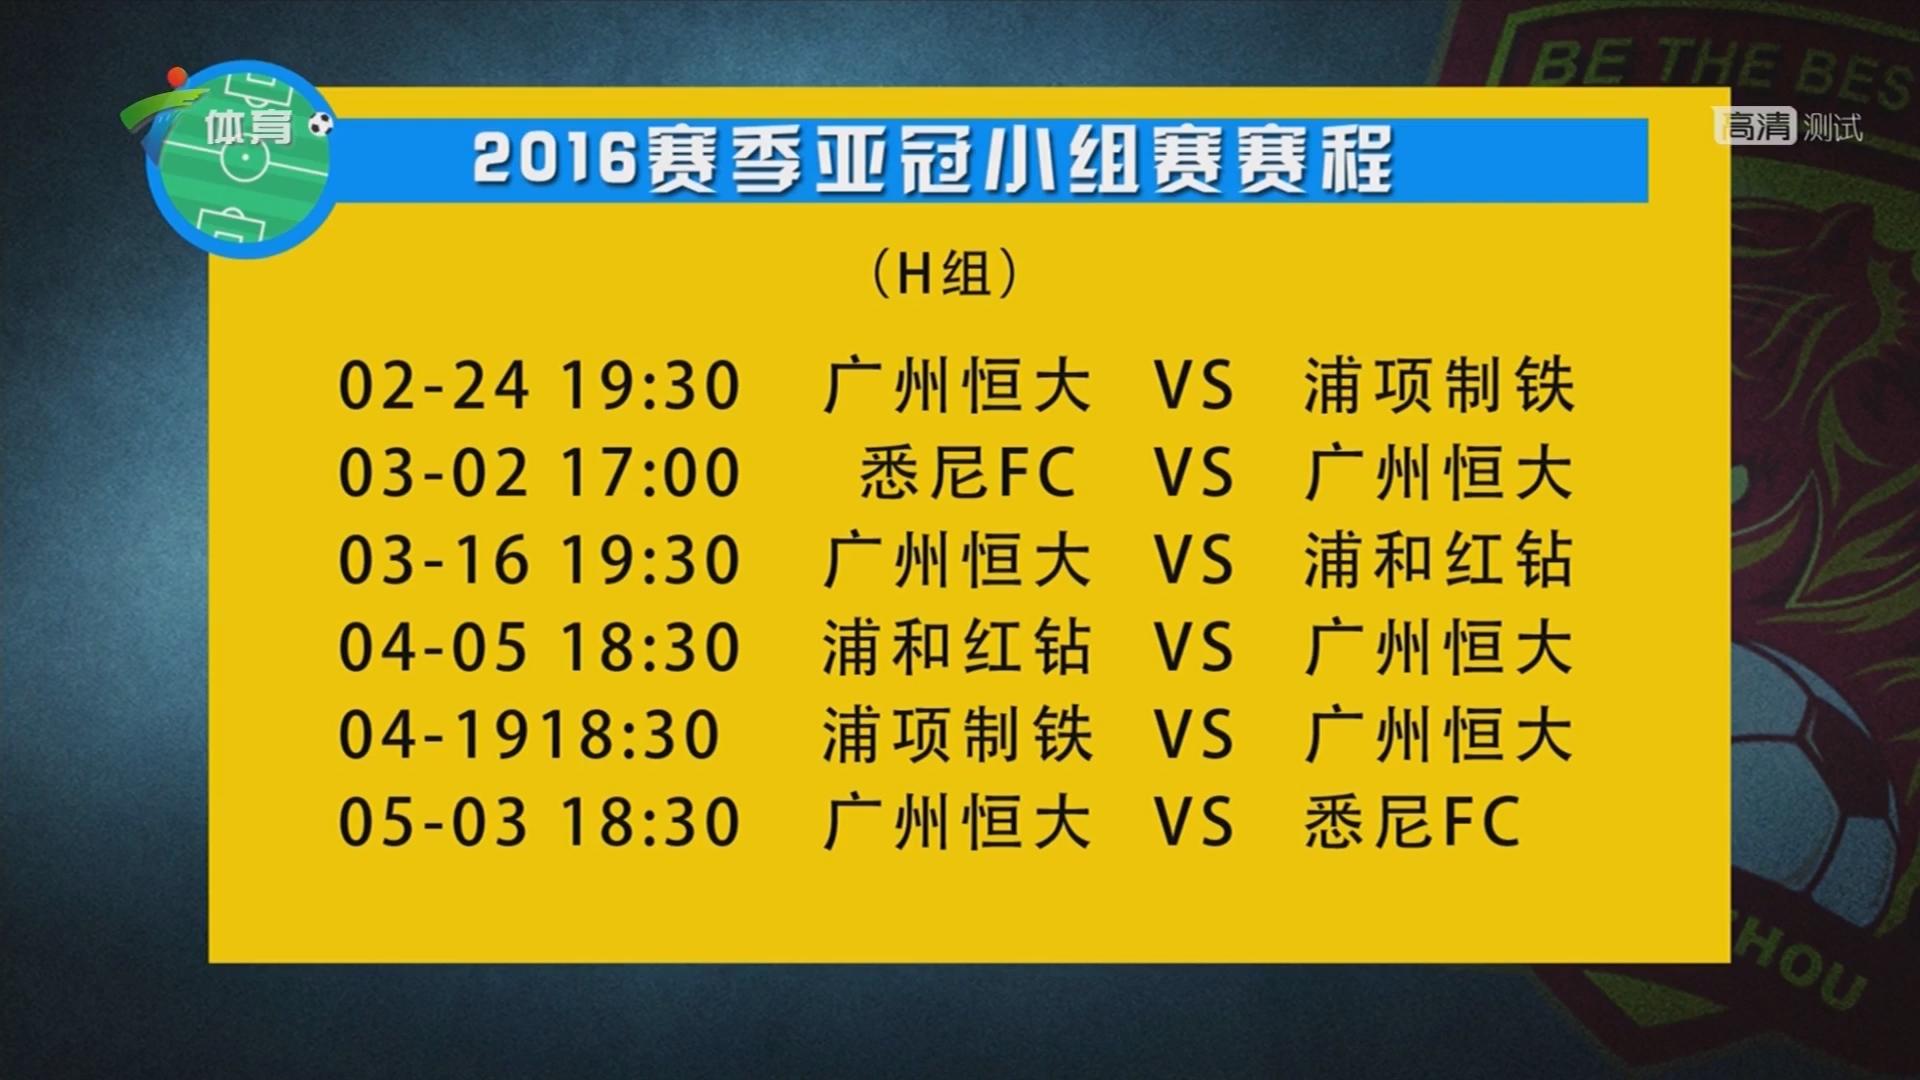 2016赛季亚冠小组赛赛程